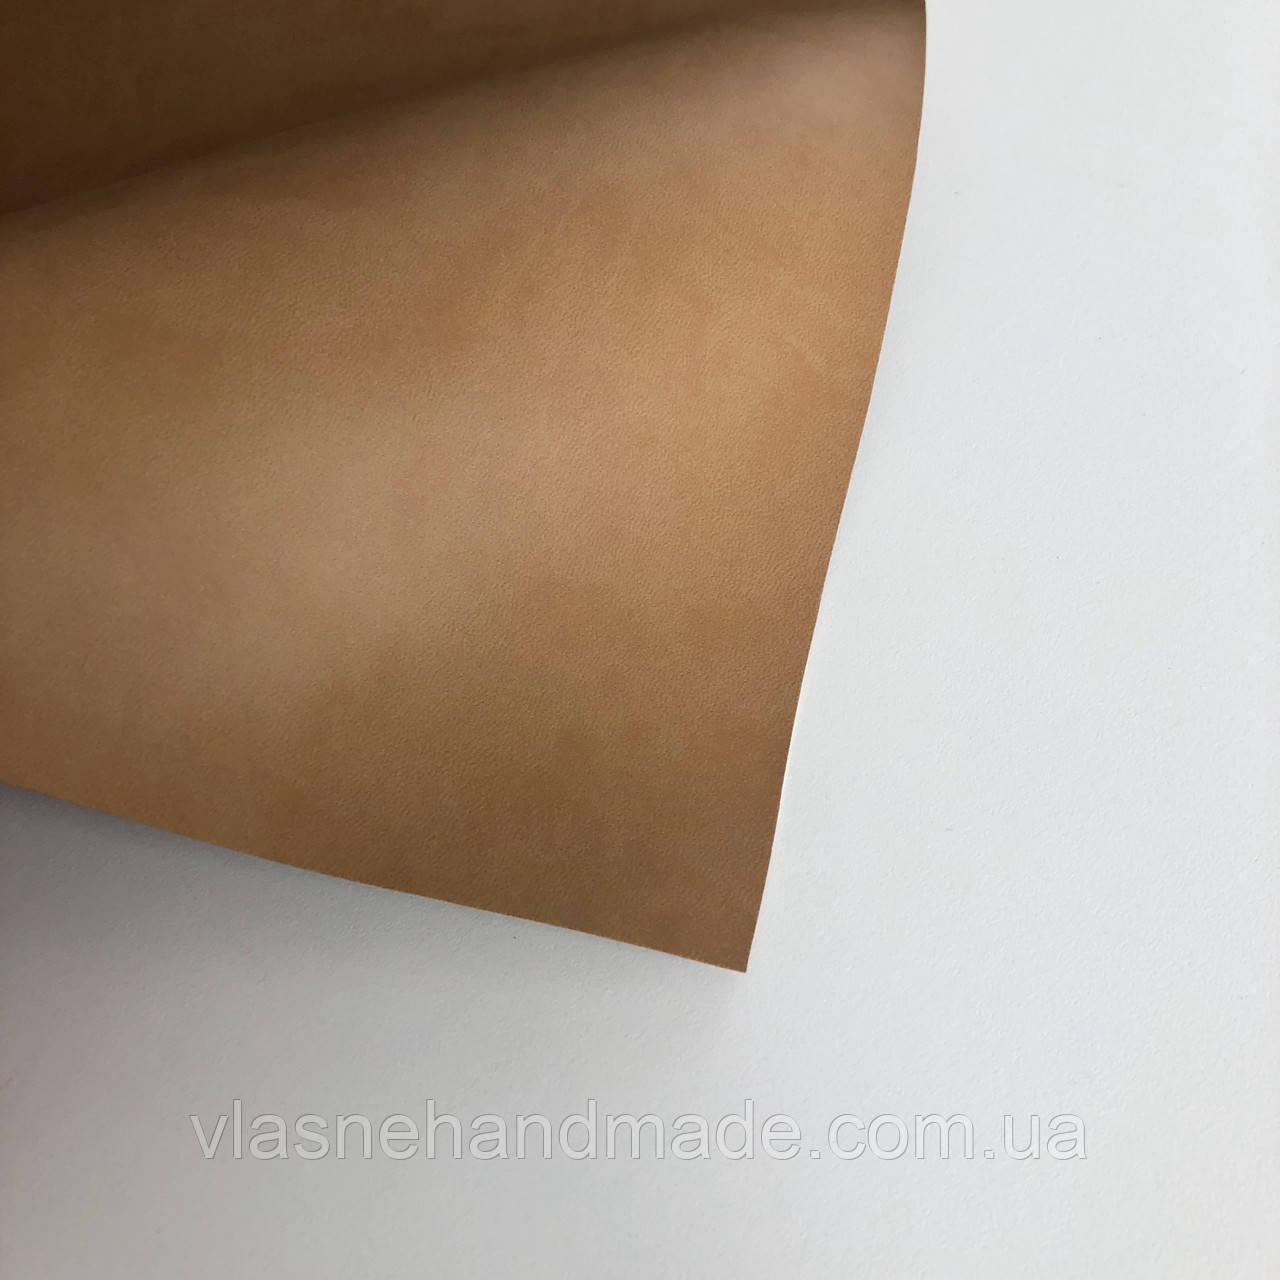 Шкірзамінник палітурний - матовий - коричнево-бежевий VH139 - виробник Італія - 25х35 см